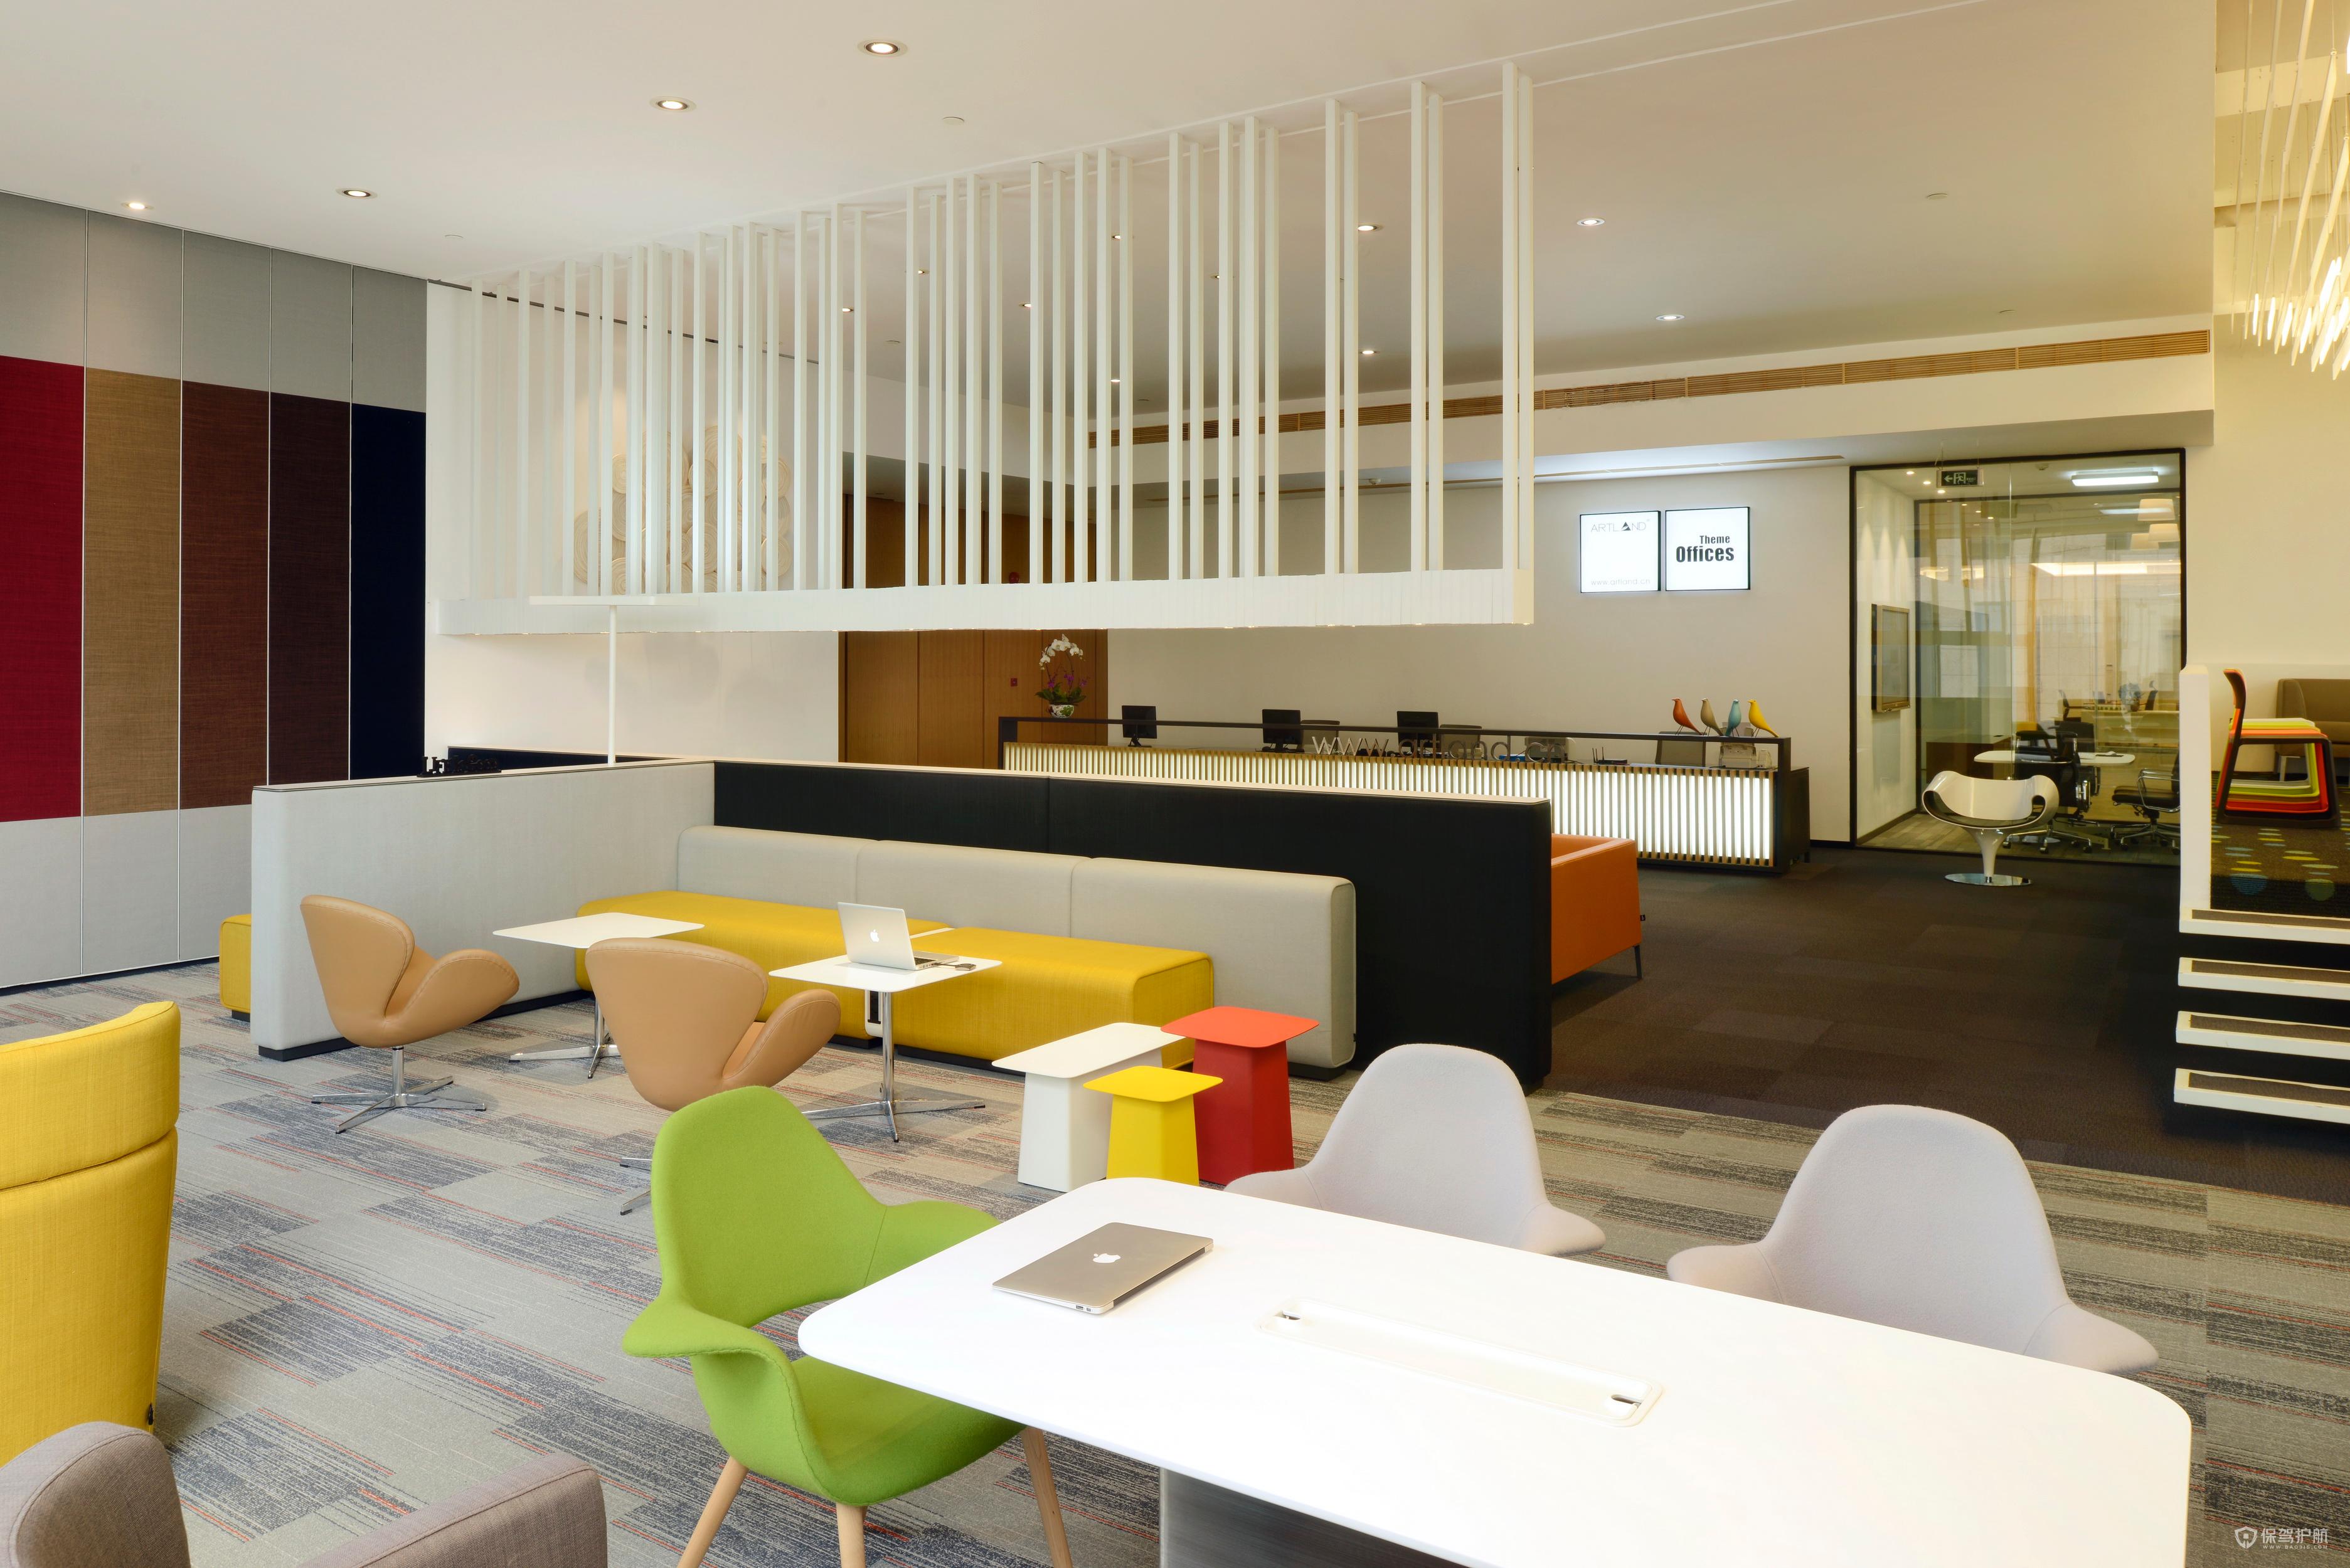 现代办公室接待区装修效果图